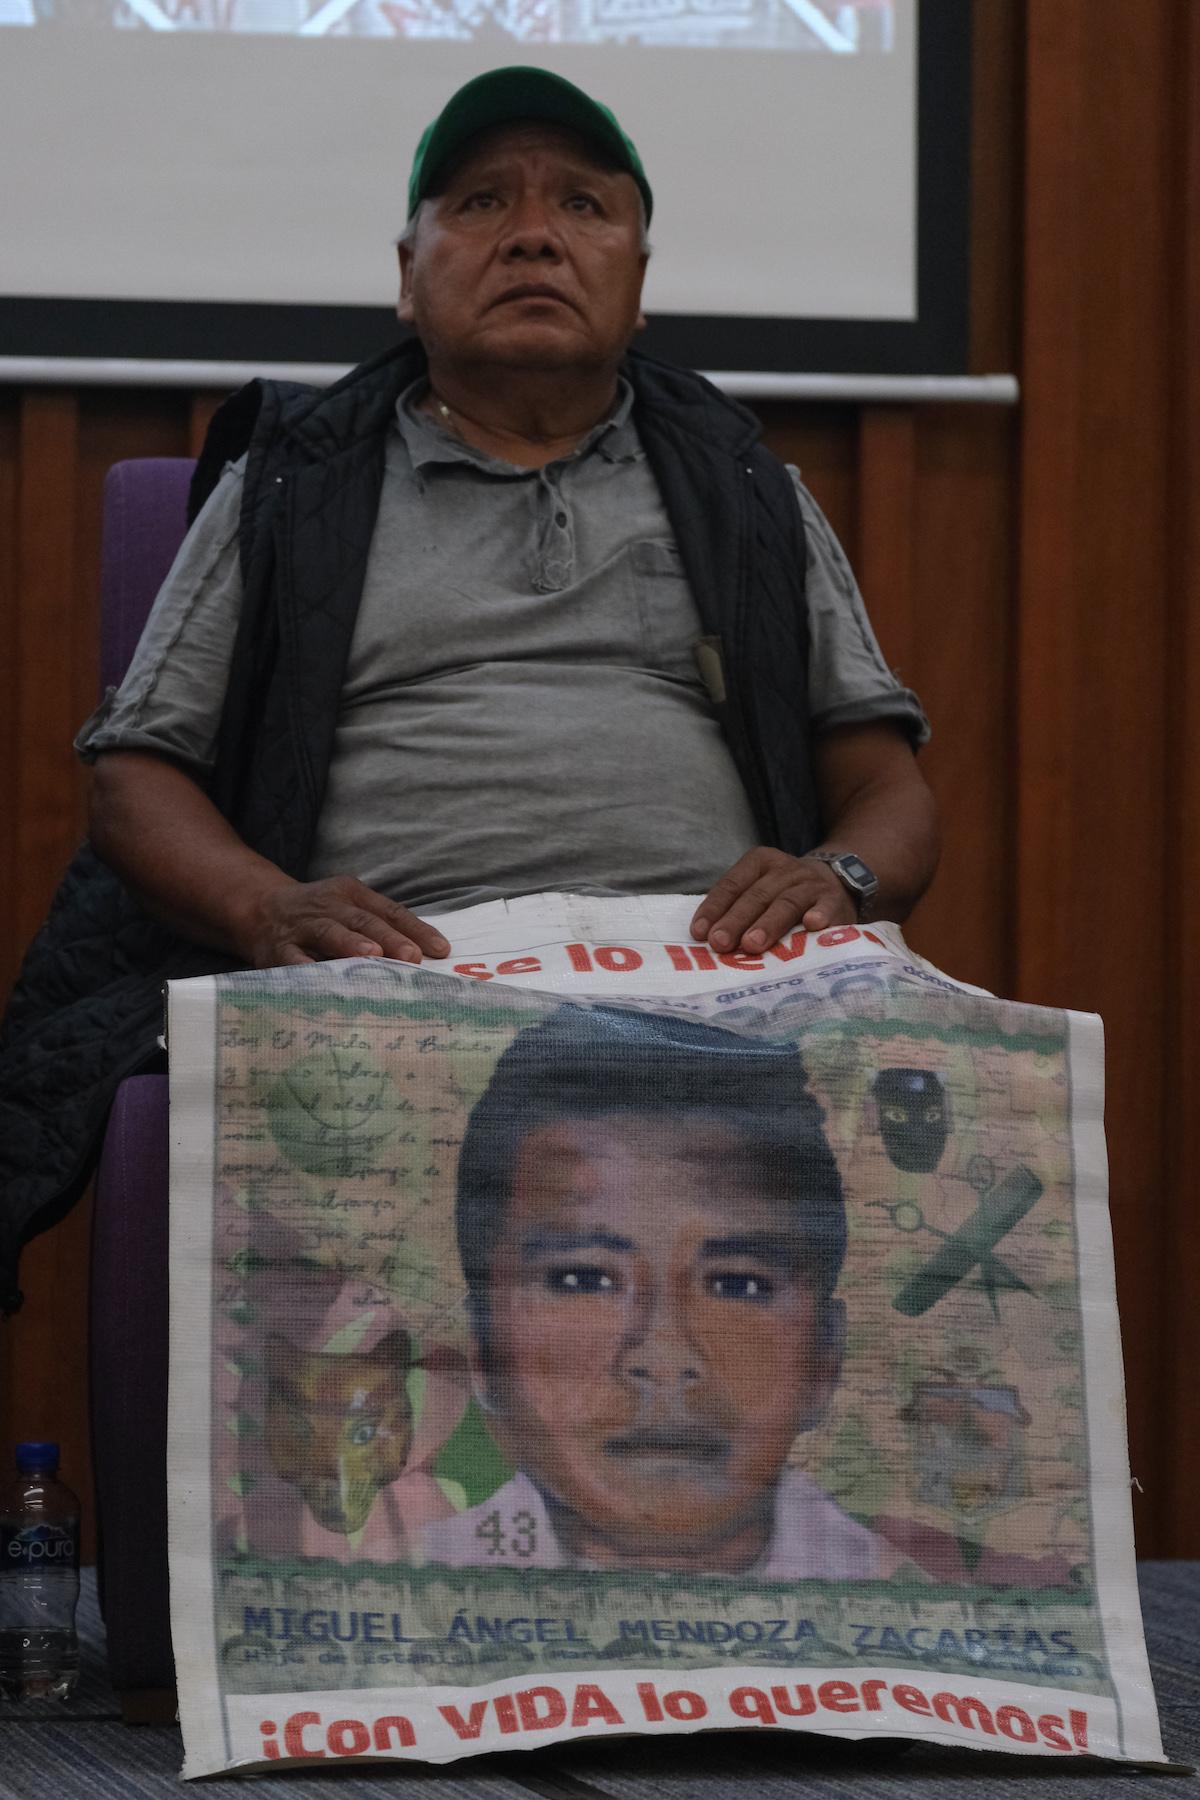 Estanislao-Mendoza-Ayotzinapa-normalistas